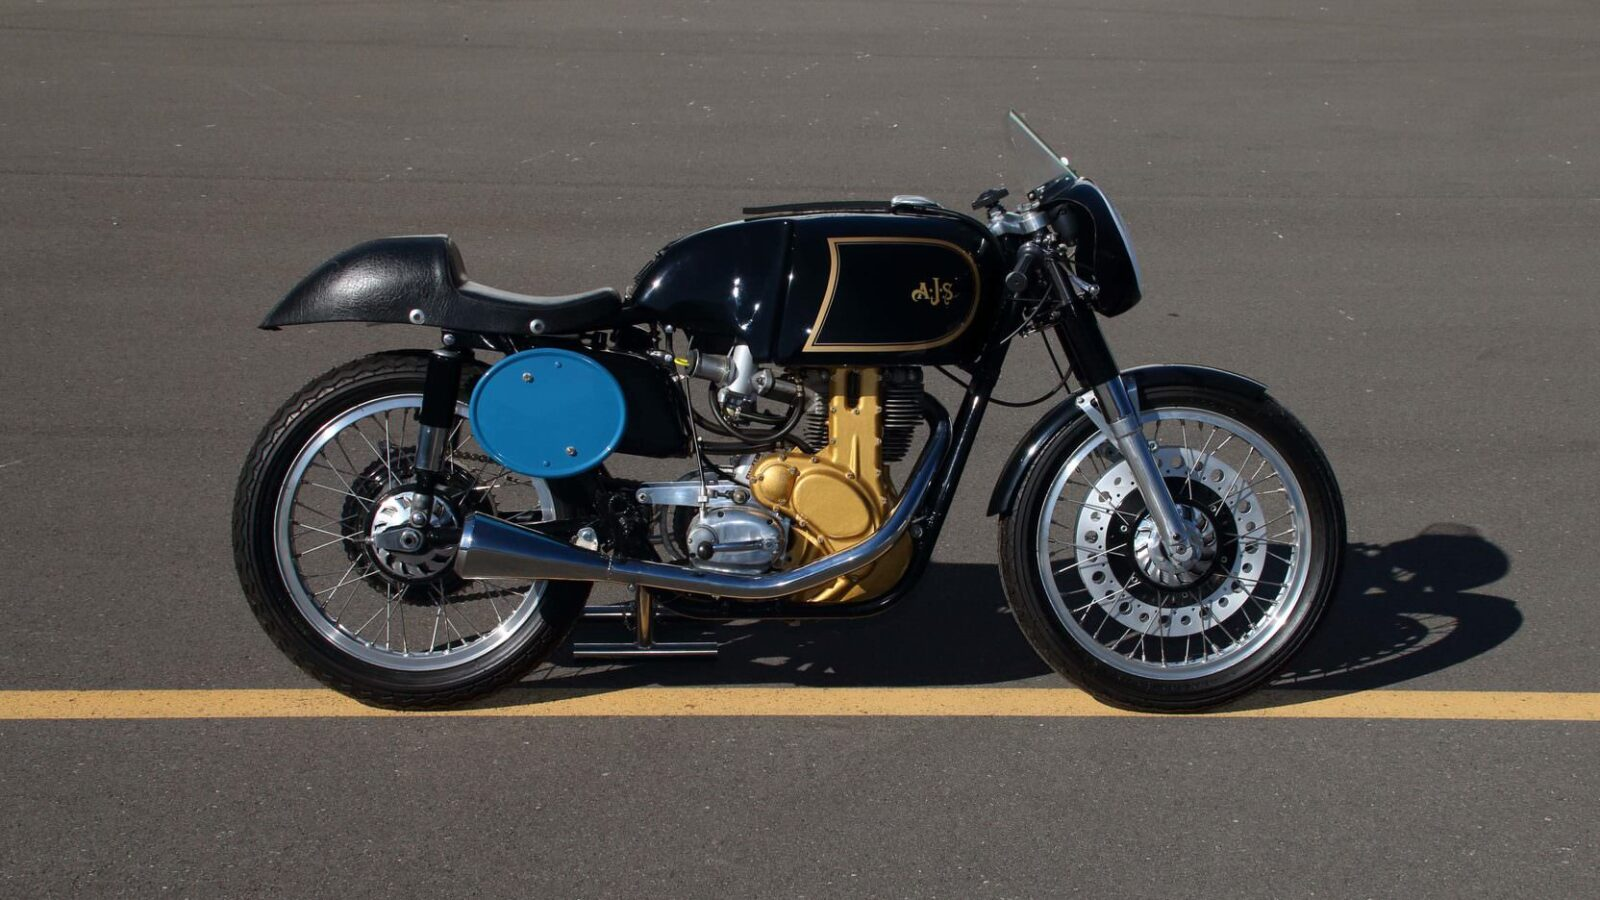 AJS 7R 1600x900 - 1959 AJS 7R